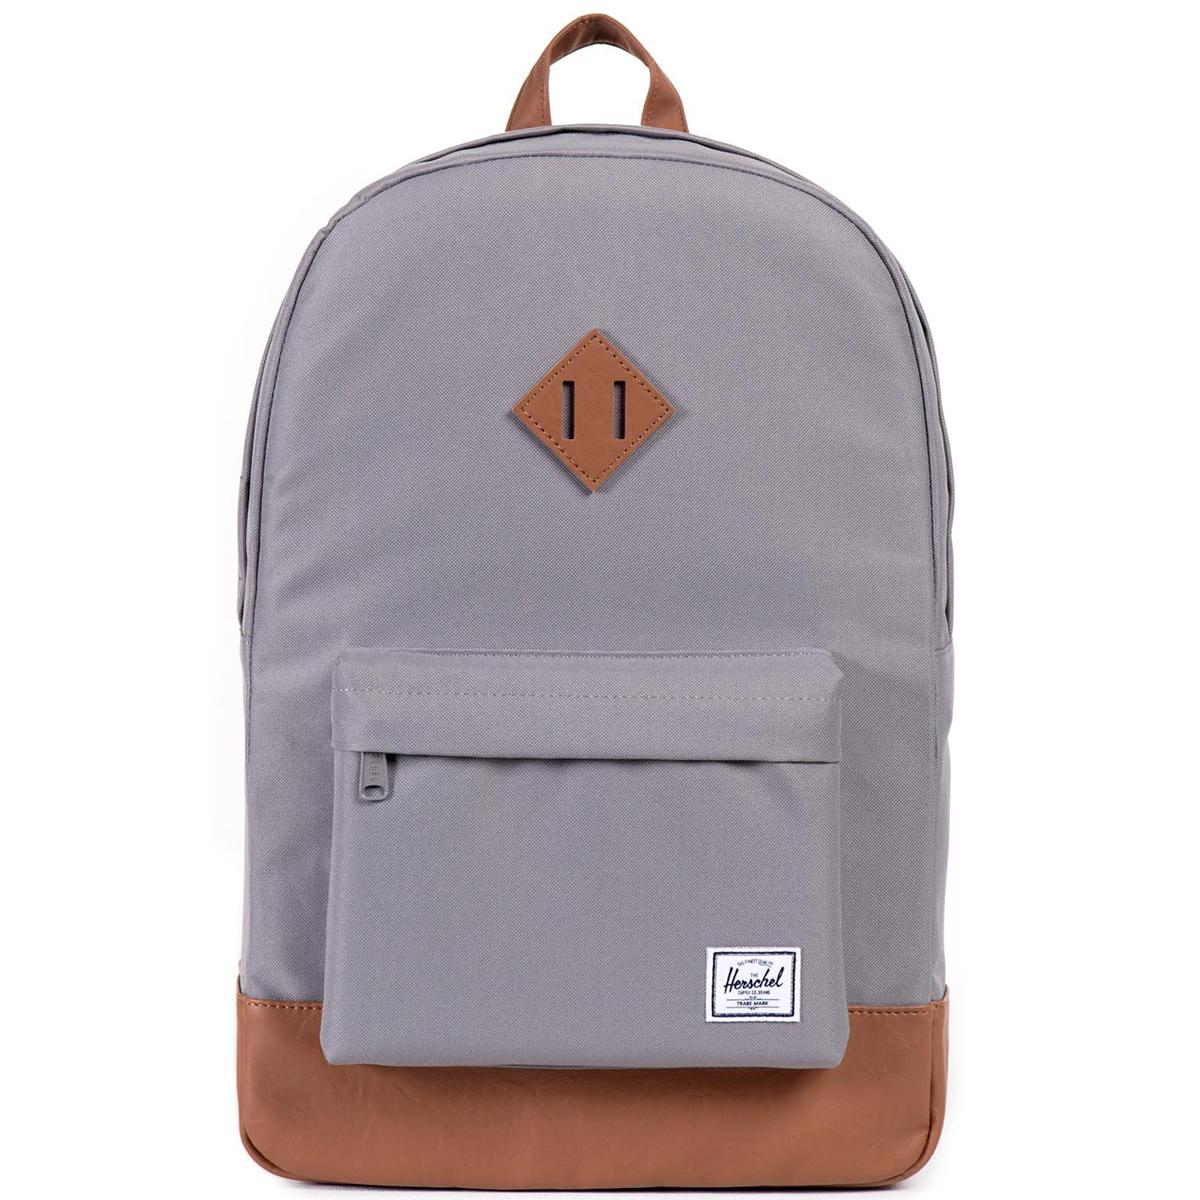 Рюкзак городской Herschel Heritage (A/S), цвет: серый, светло-коричневый. 828432010356ГризлиРюкзак Herschel Heritage ™ это функциональный классический дизайн с особым внимание к деталям.